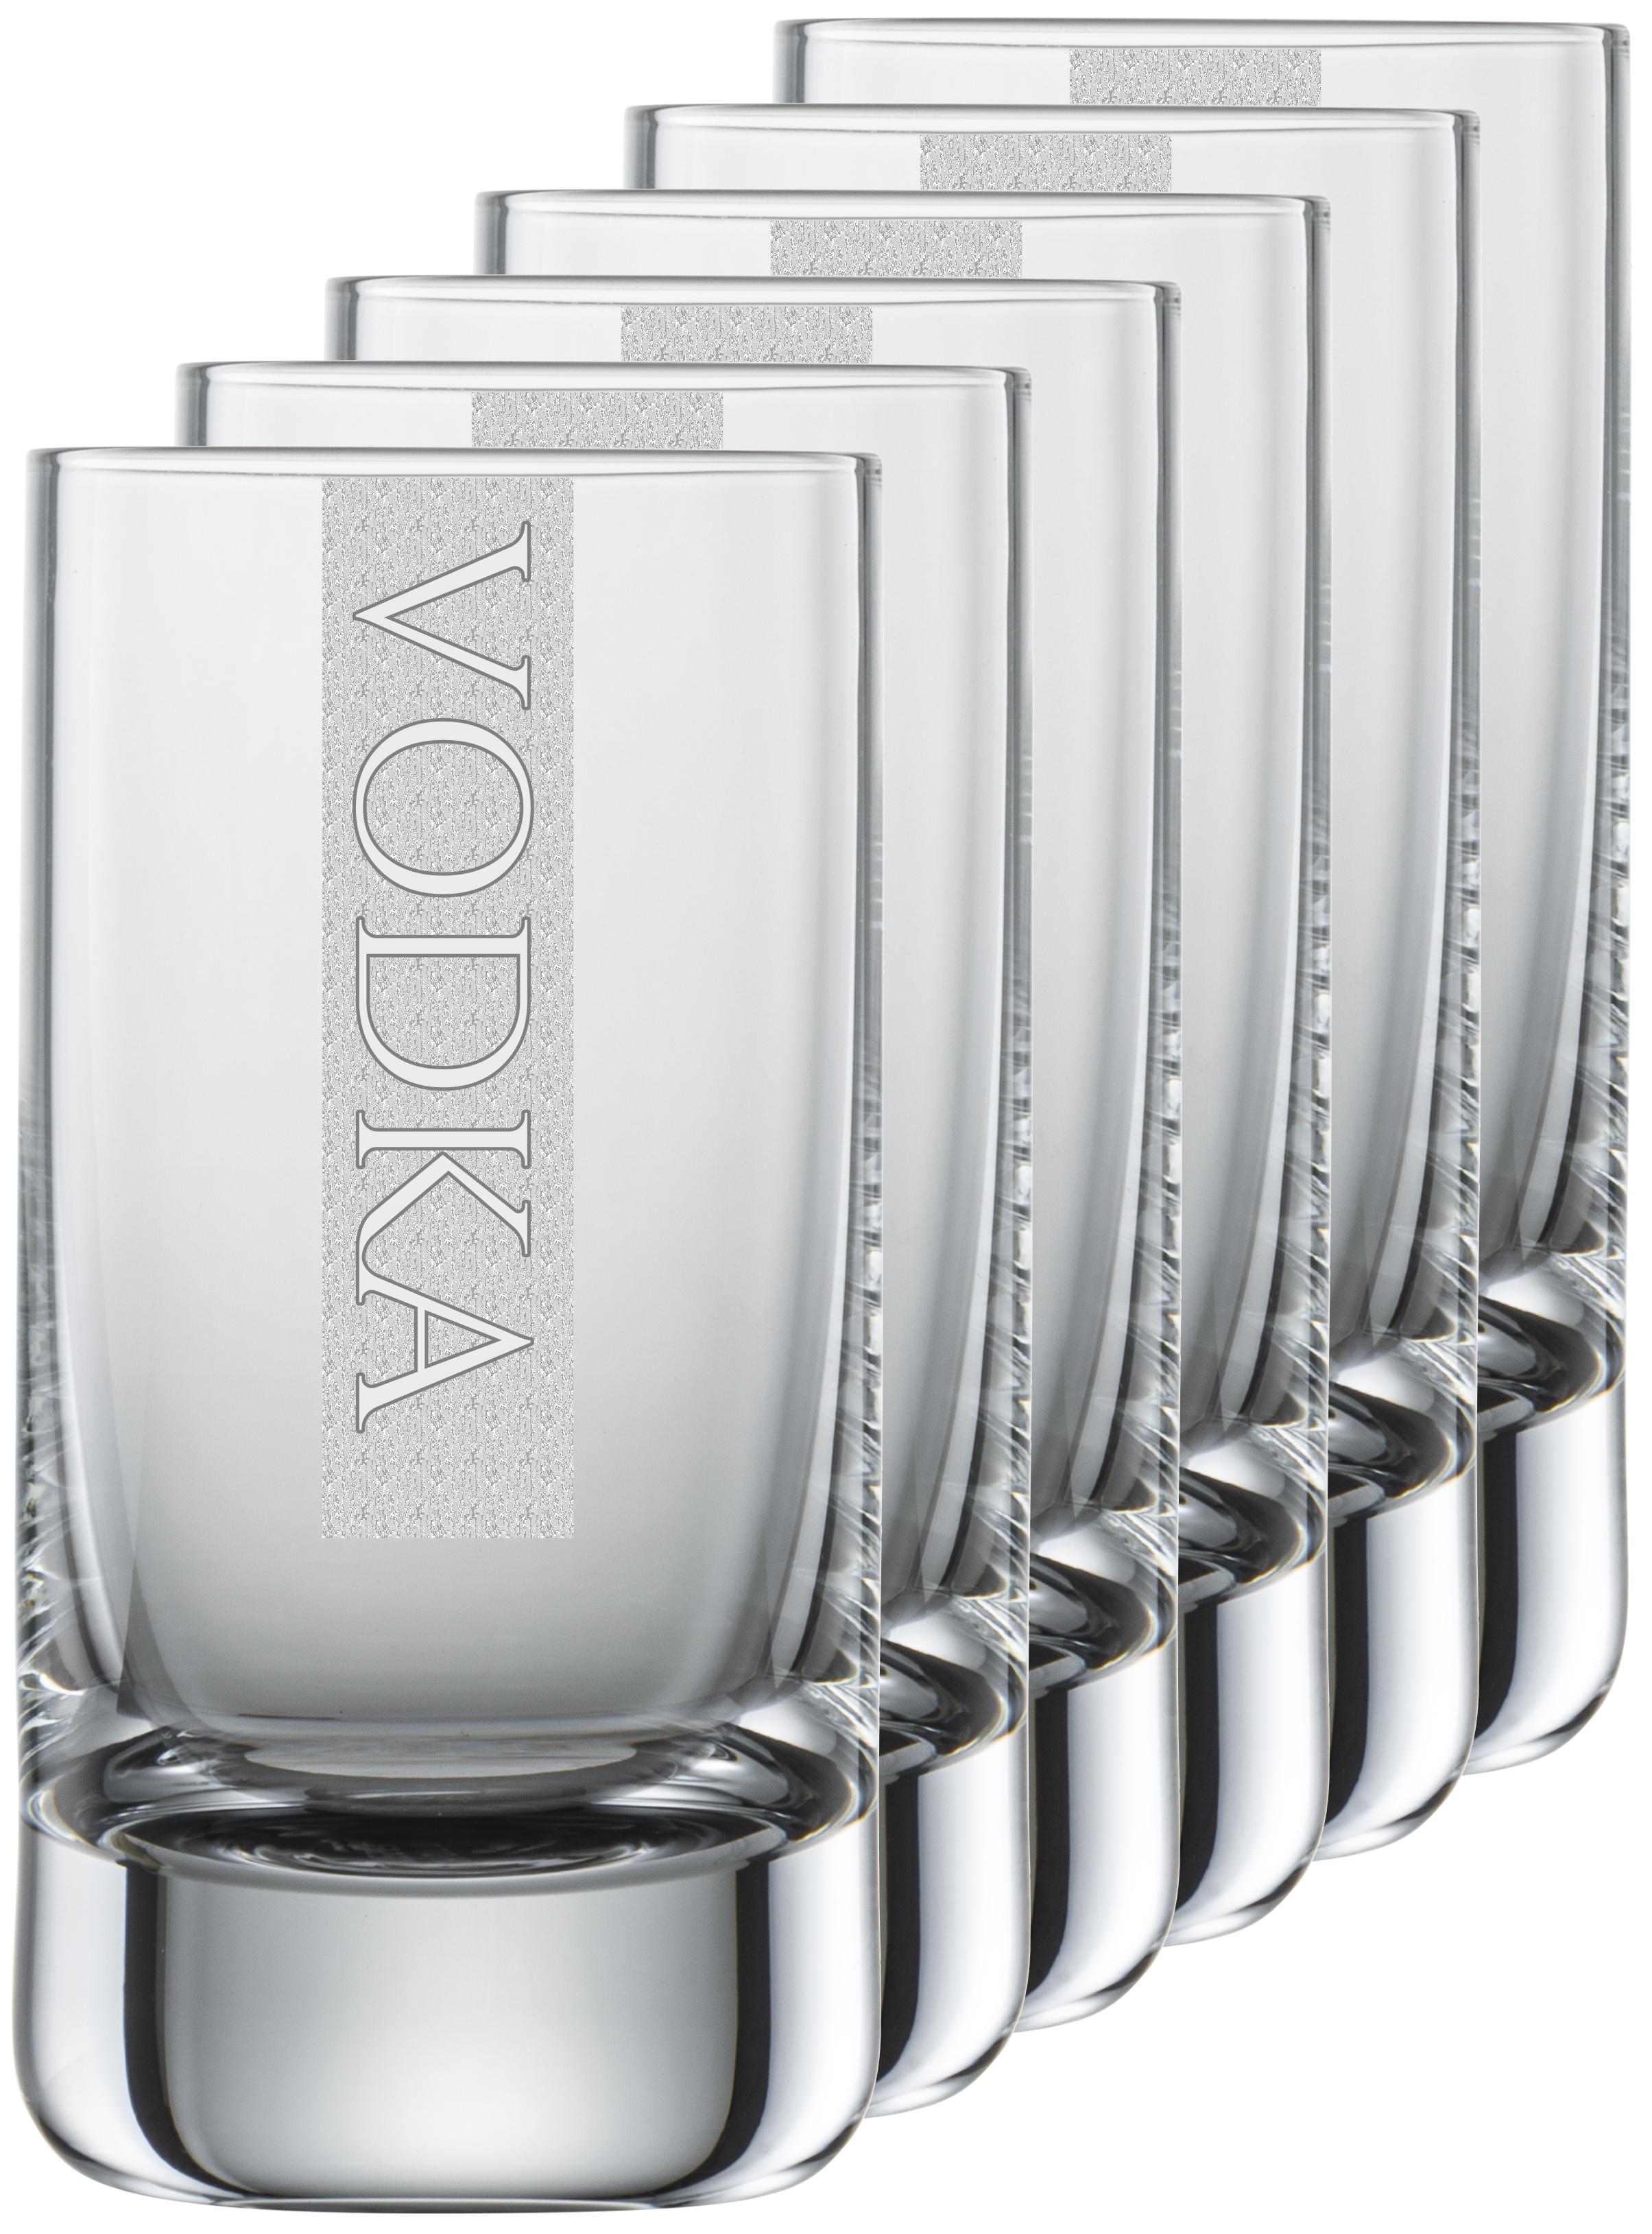 VODKA Gläser   6 Stück 5cl Schott Schnapsglas   CoolGlas